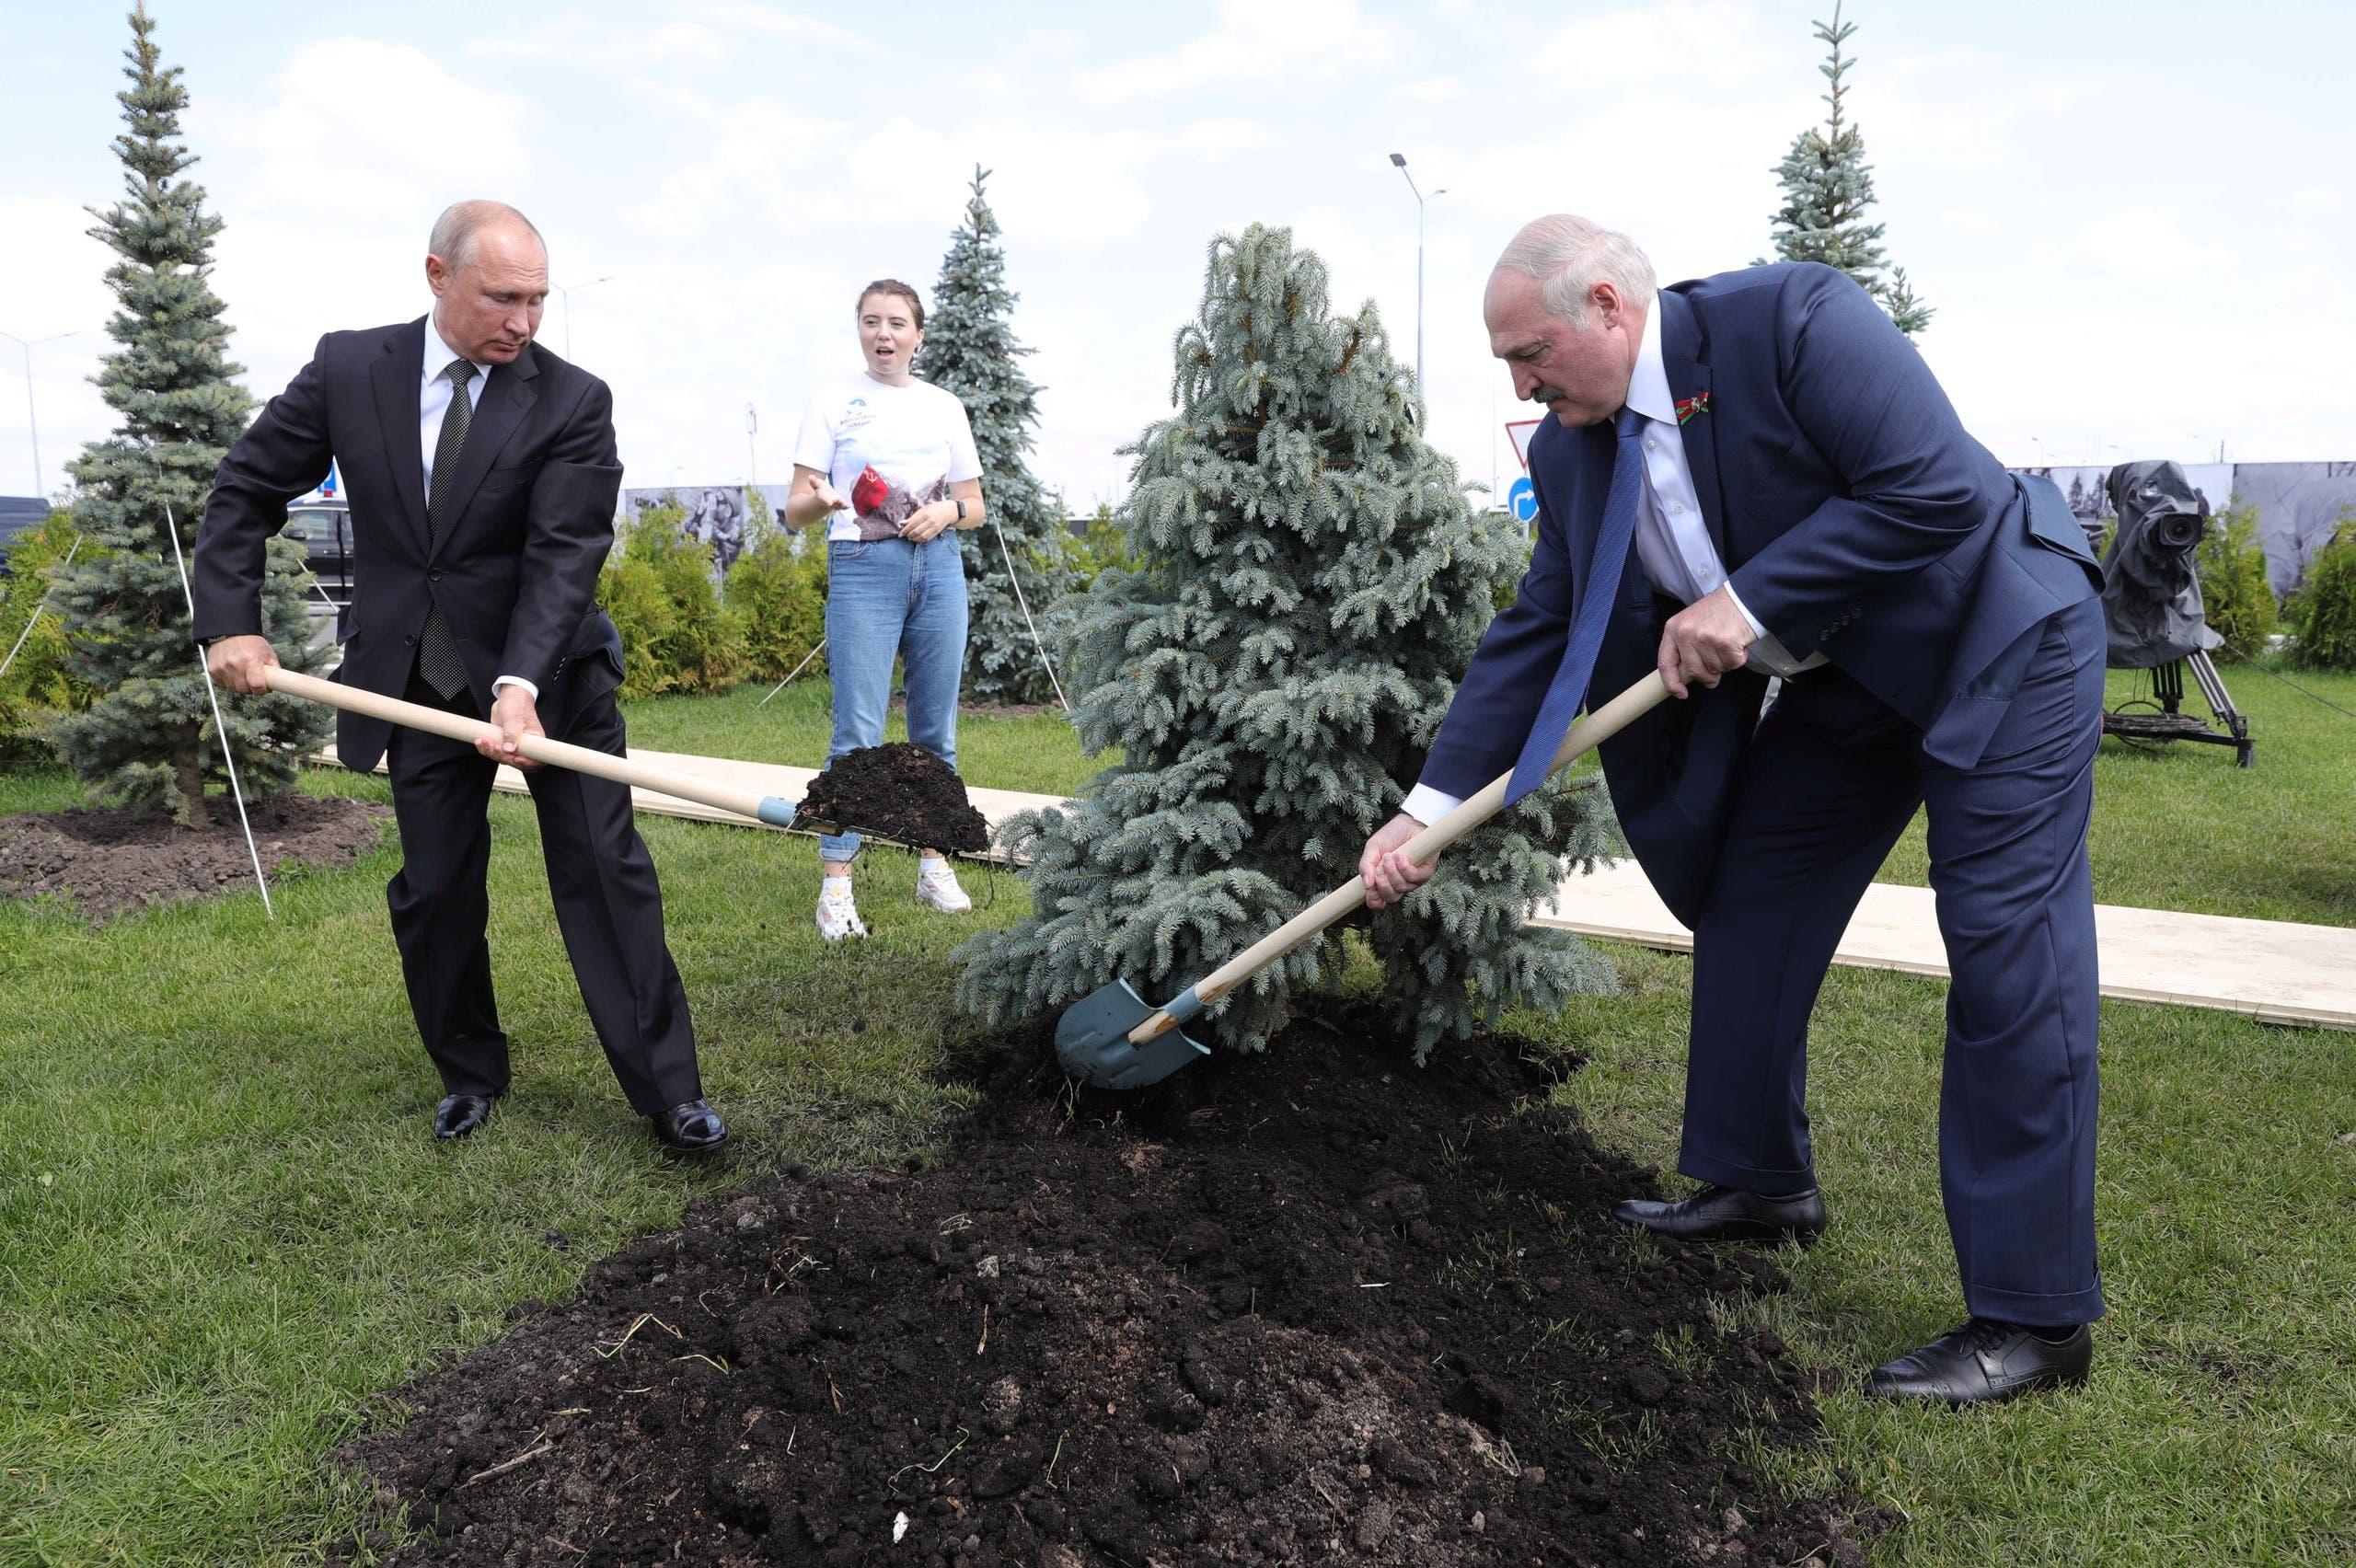 رئيسا روسيا وروسيا البيضاء يزرعان شجرة خلال إحياء ذكرى الحرب العالمية الثانية في روسيا نهاية يونيو الماضي